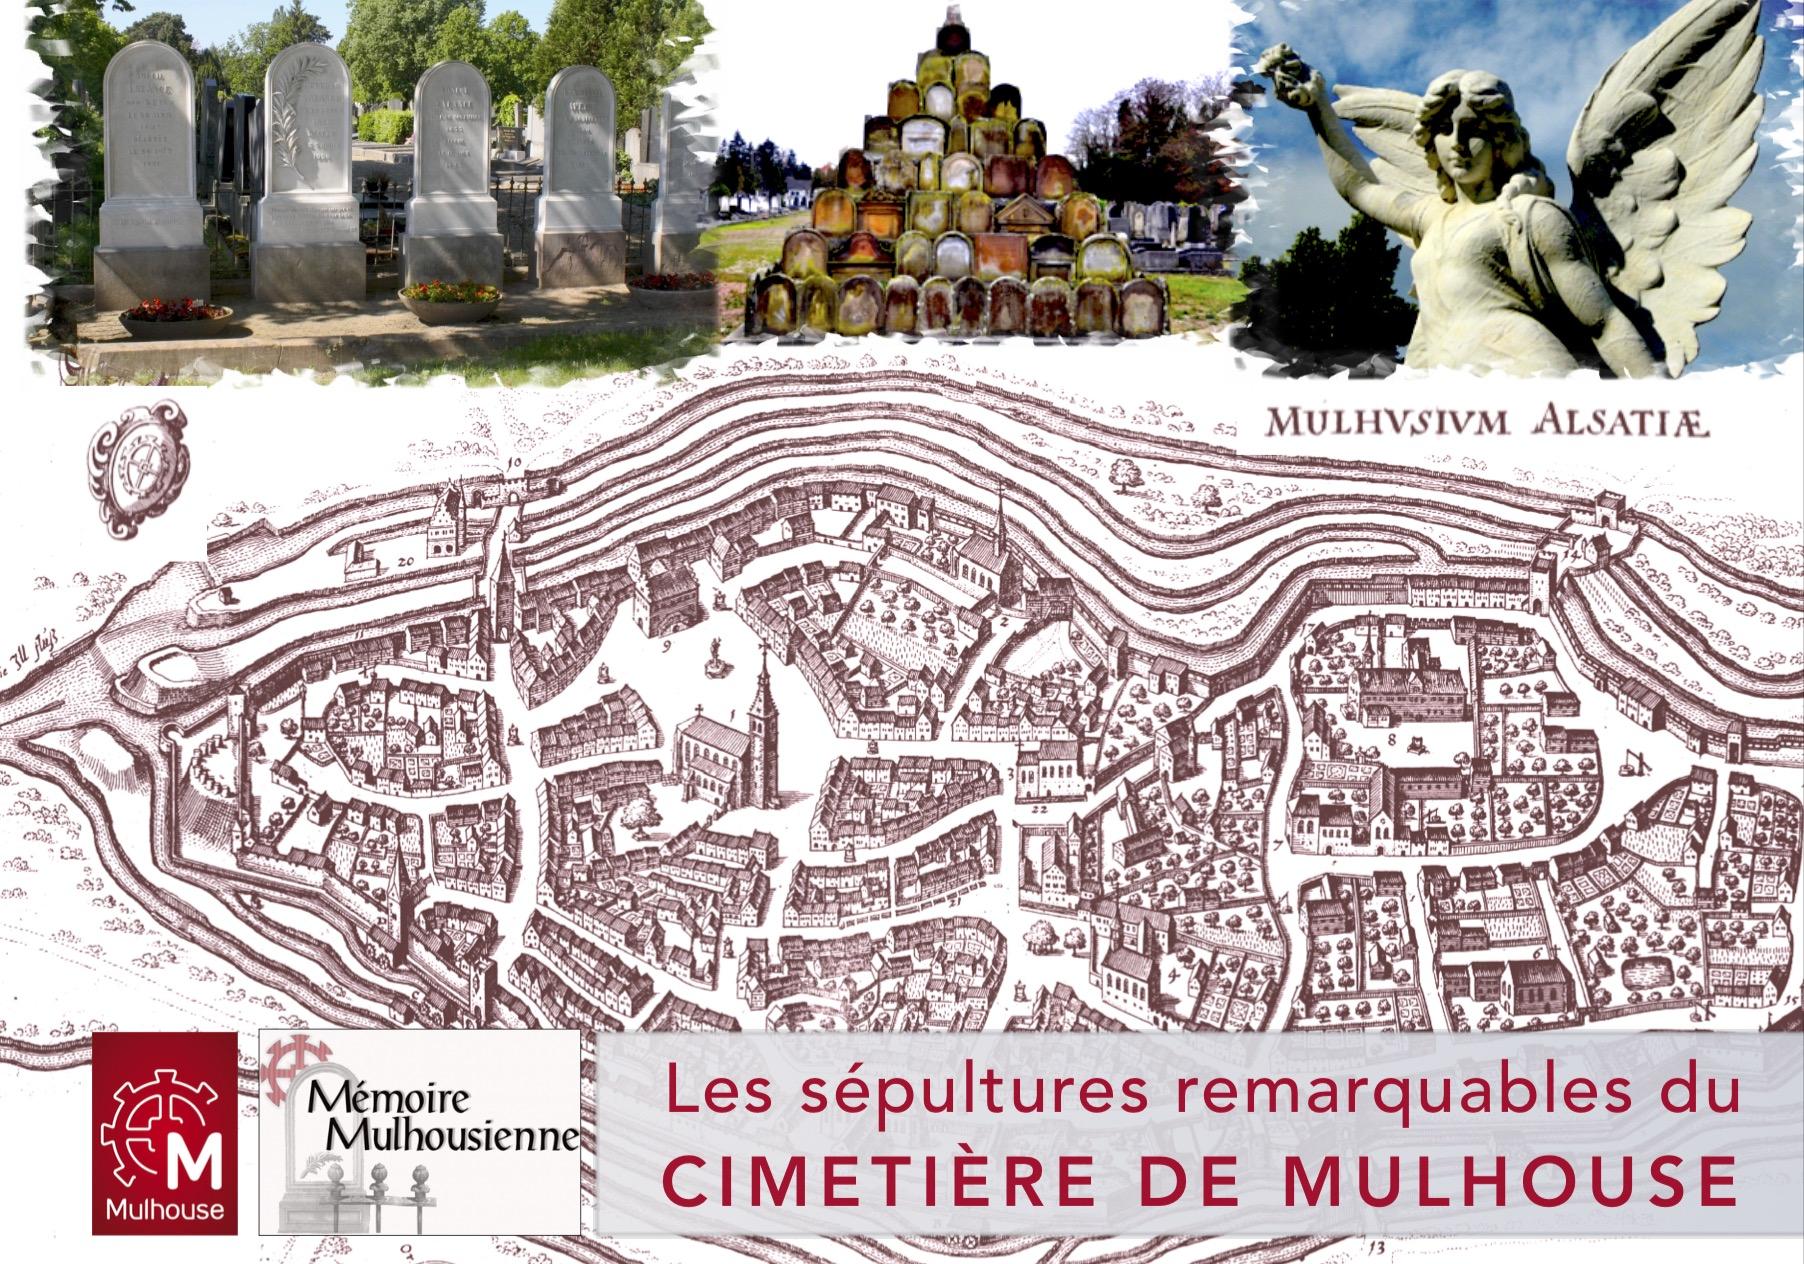 Les sépultures remarquables du cimetière de Mulhouse